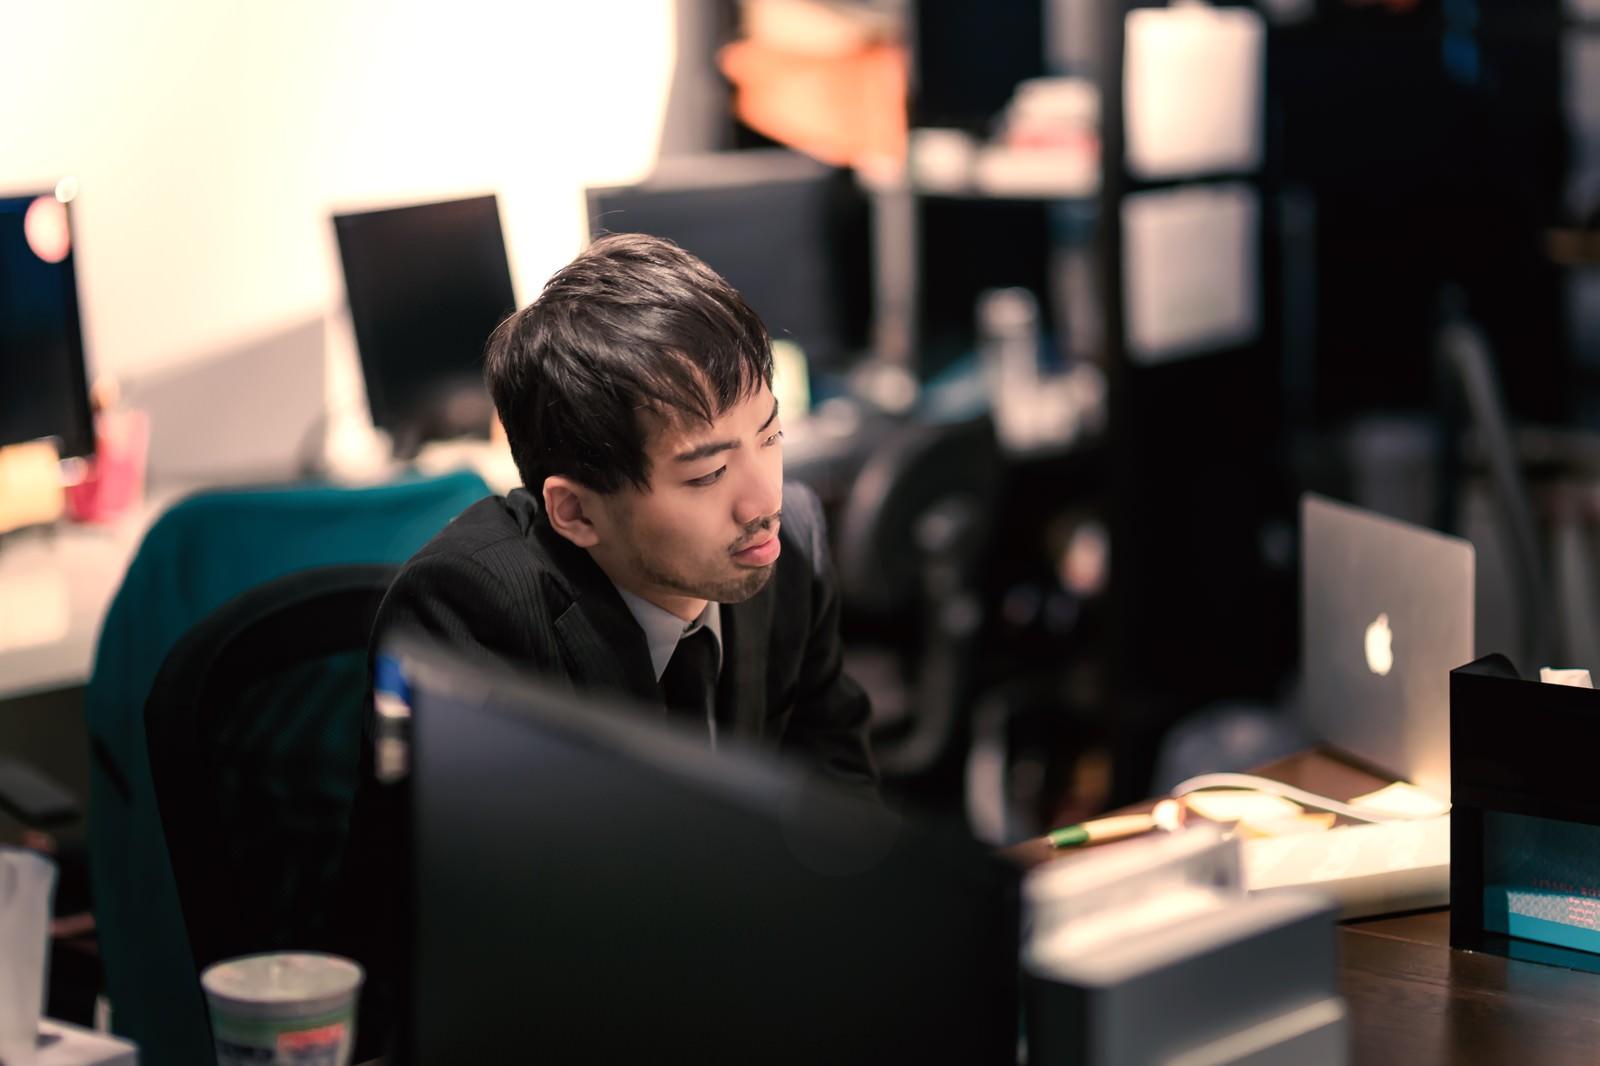 「働けど働けど」の歌の意味・石川啄木の心理状態や生活について